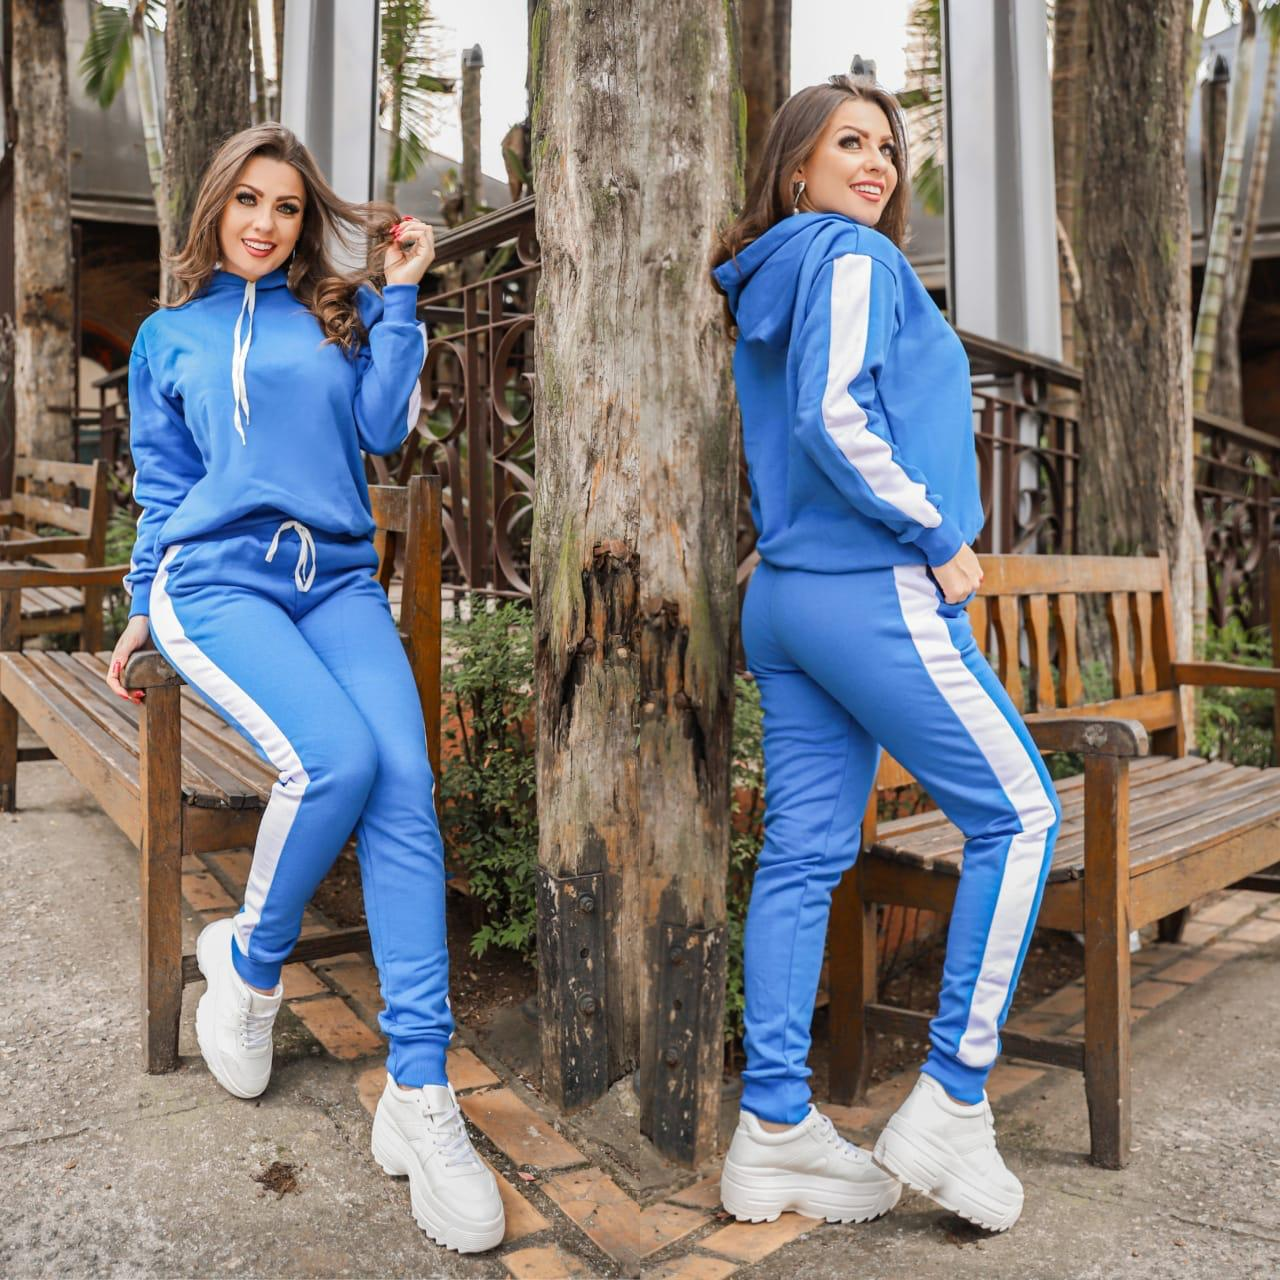 Conjunto Feminino Calça e Blusa Manga Longa Moletom Flanelado Azul - Debora